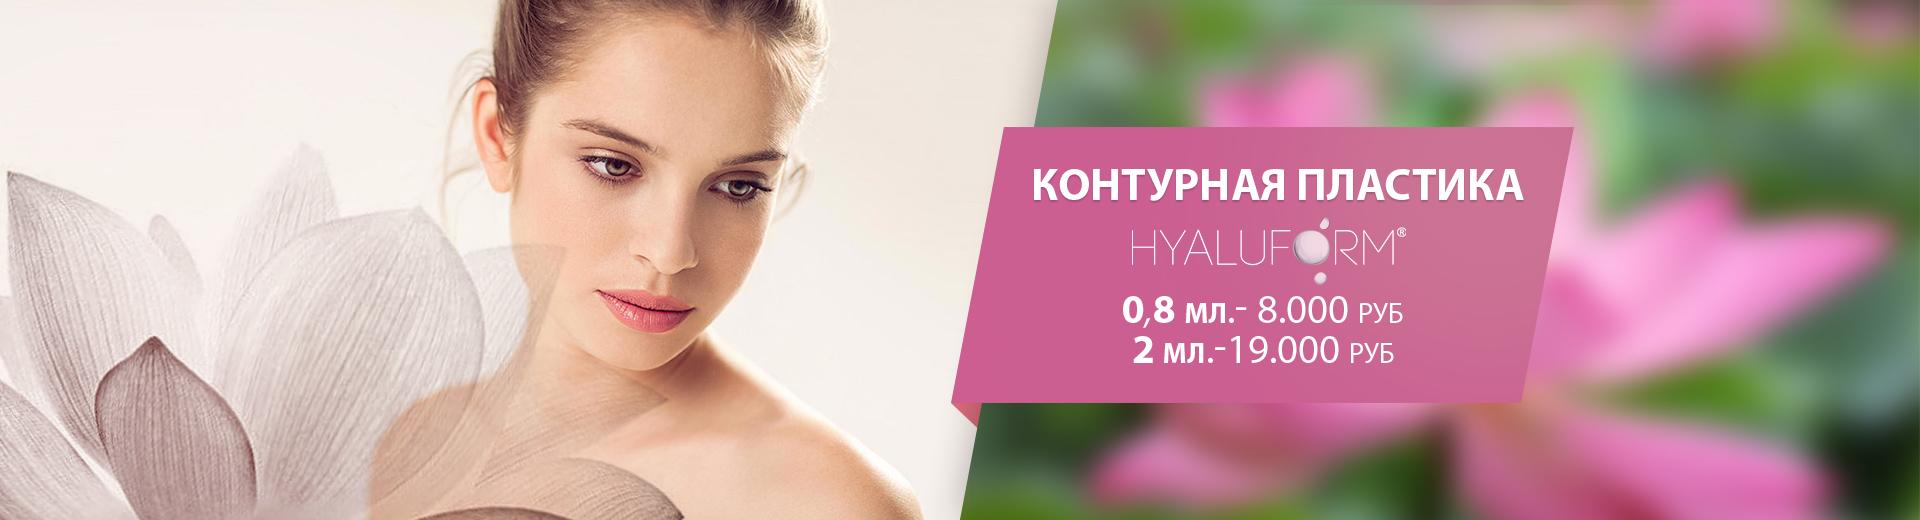 """Контурная пластика """"HYALUFORM"""" по специальной цене"""